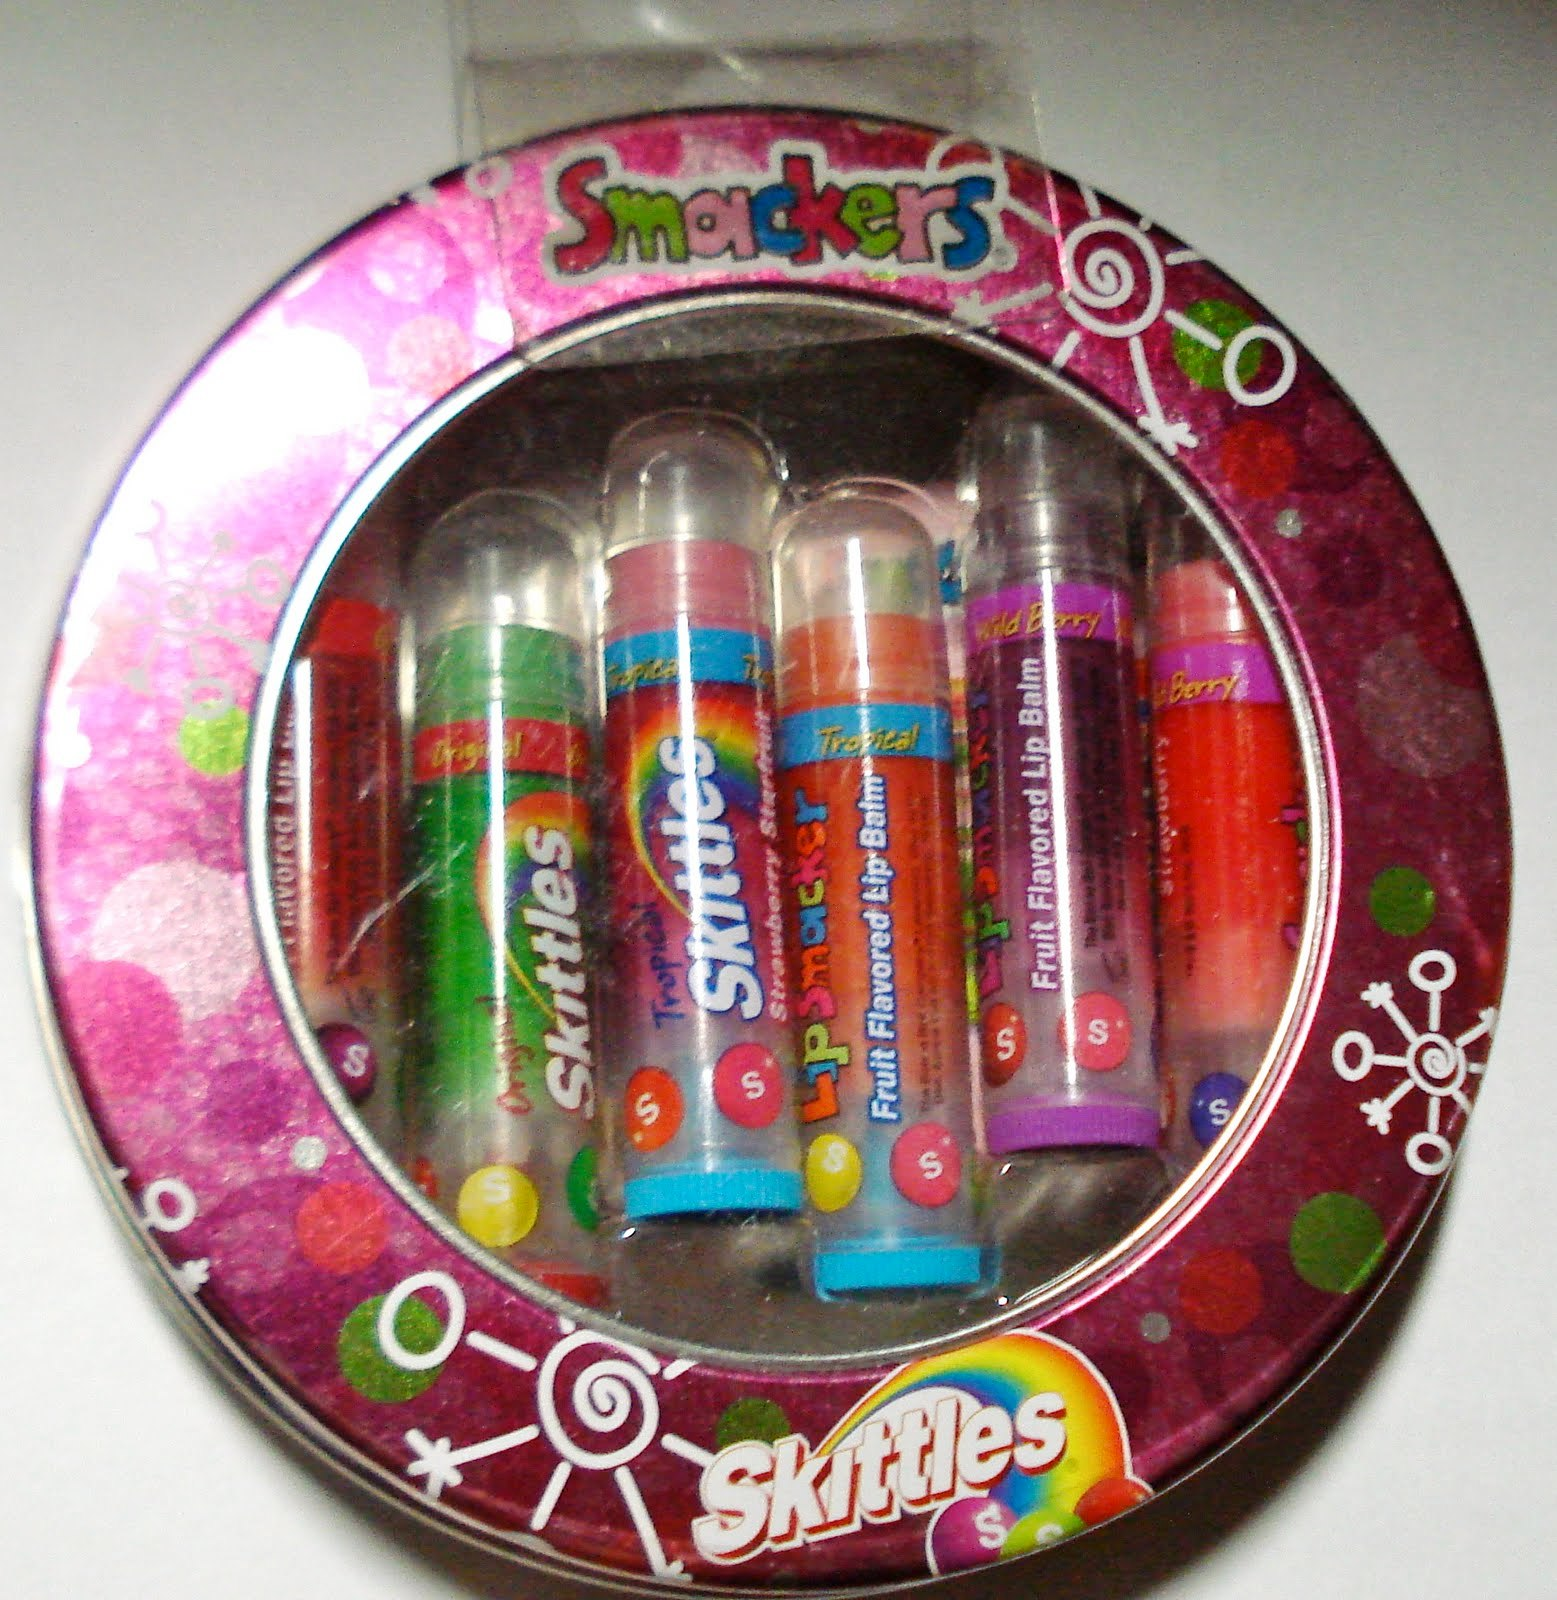 Cutiesandsweeties Lip Smackers Skittles Party Pack Of 6